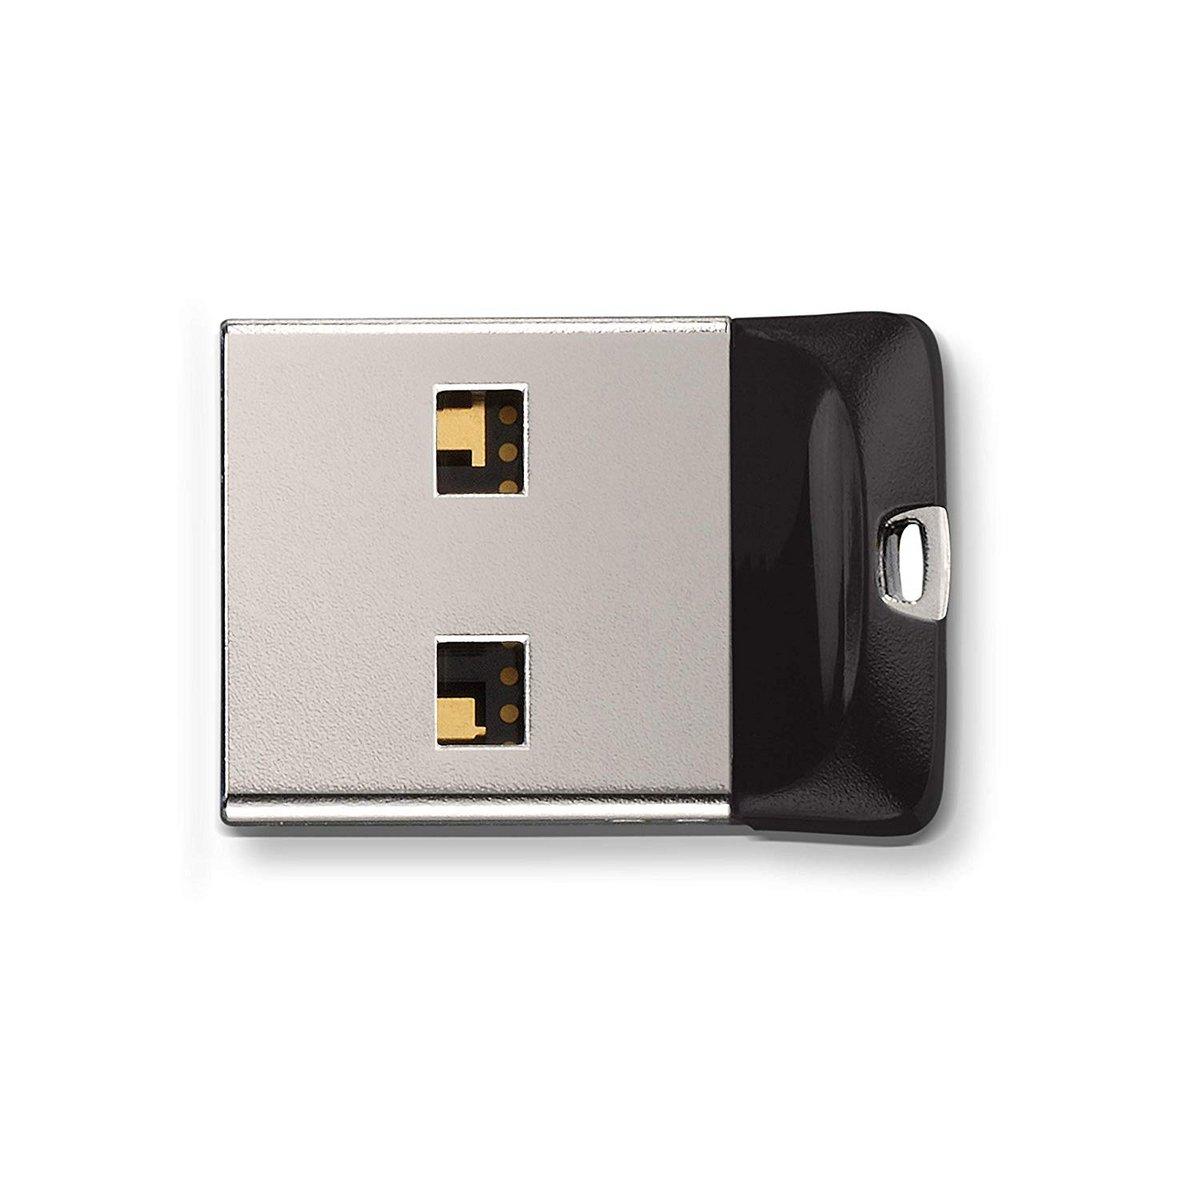 Clé USB 2.0 SanDisk